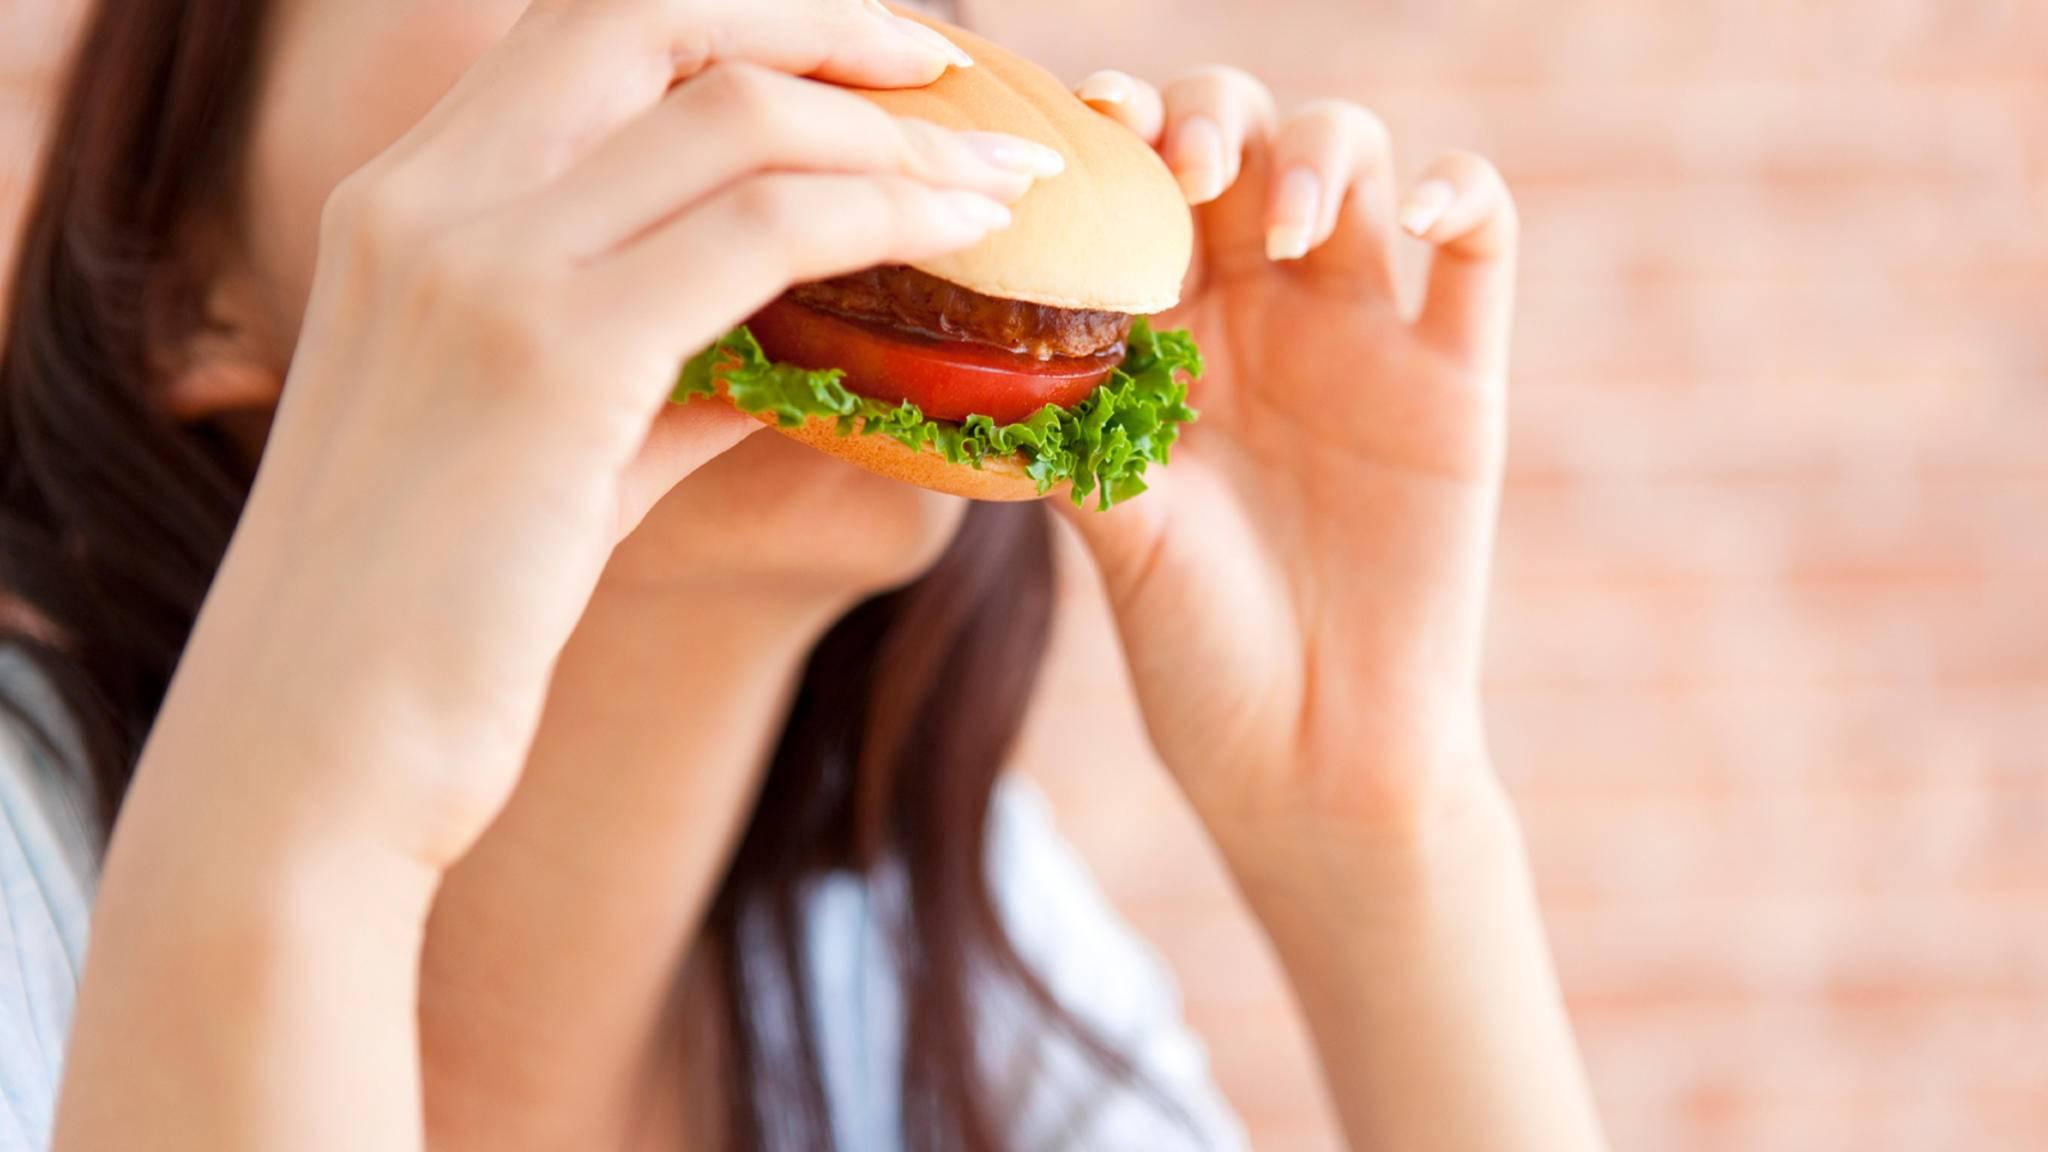 Ein neues Wearable soll künftig jeden Snack gnadenlos registrieren und so das Schummeln beim Kalorienzählen verhindern.